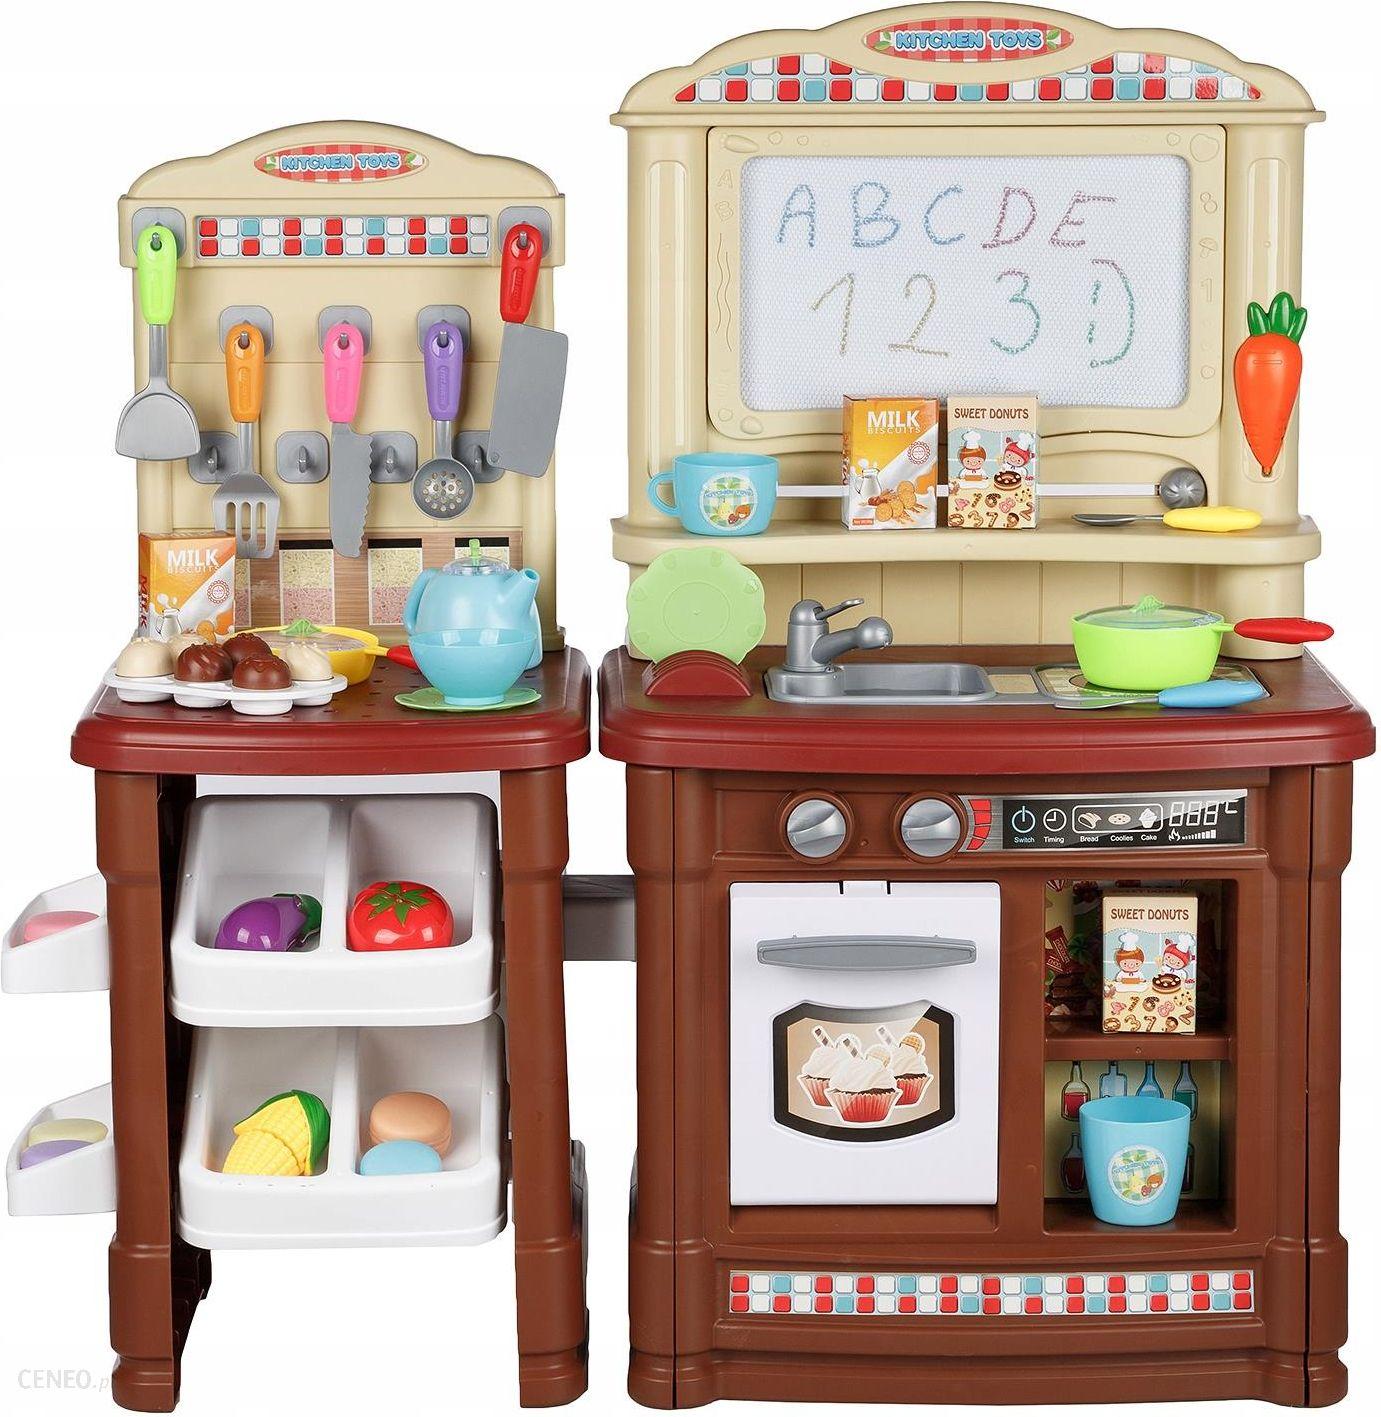 Zabawka Kinderplay Kuchnia Dla Dzieci Woda światło Dźwięk Ceny I Opinie Ceneopl